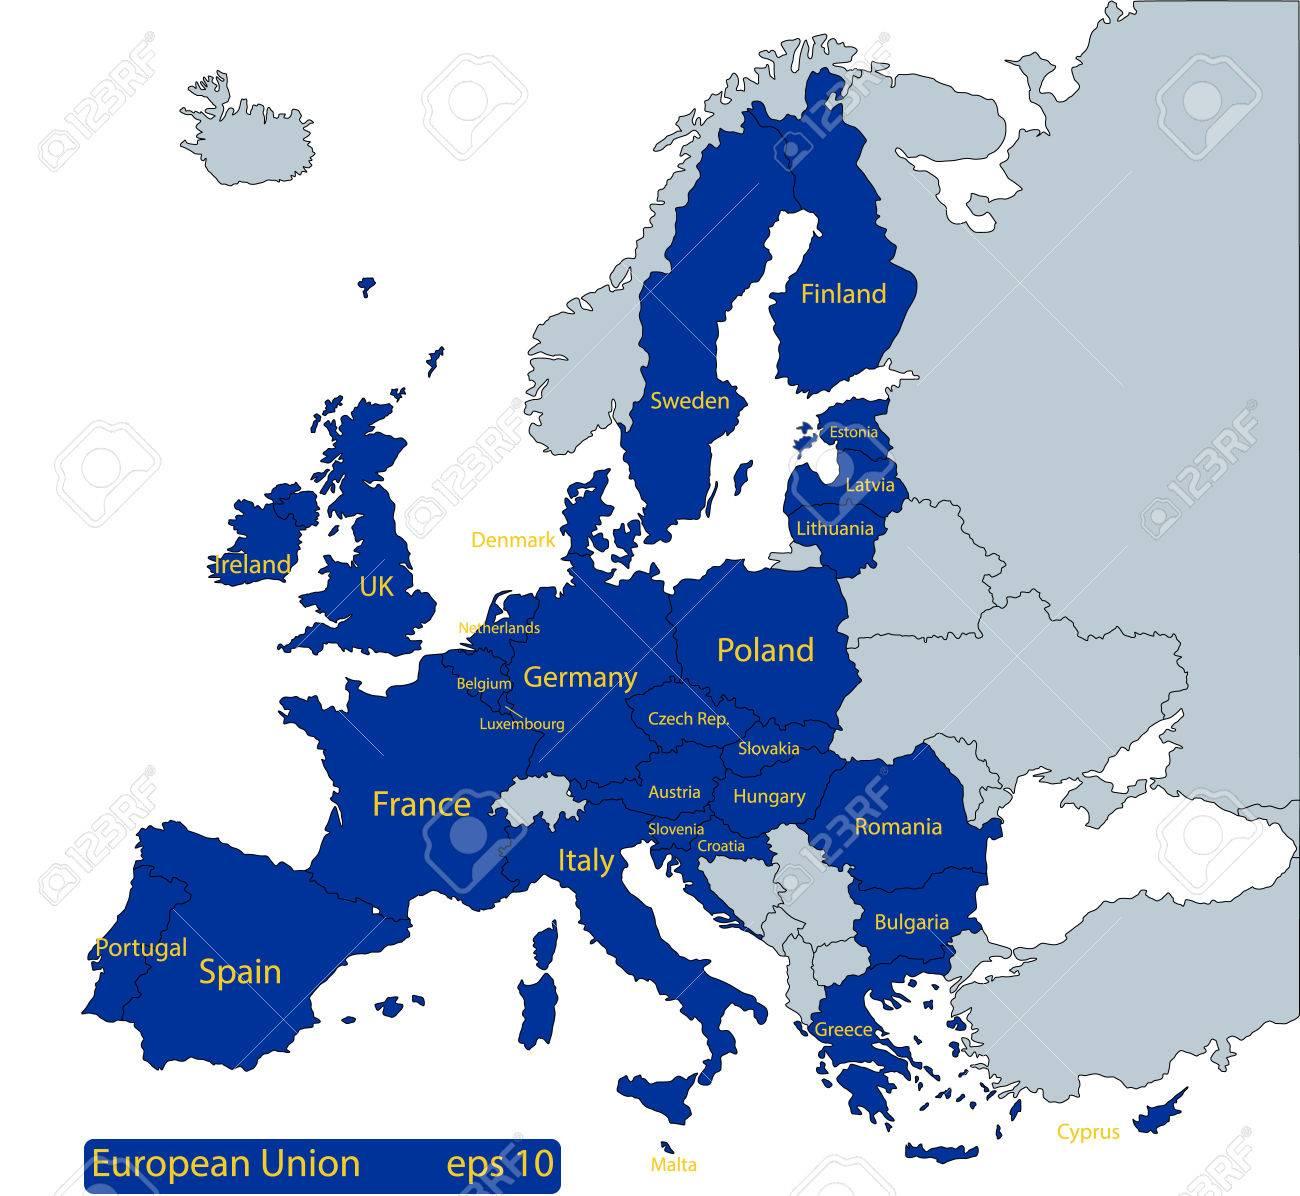 Karte Von Europa Mit Eu Ländern In Blau Und Die Option Für Andere